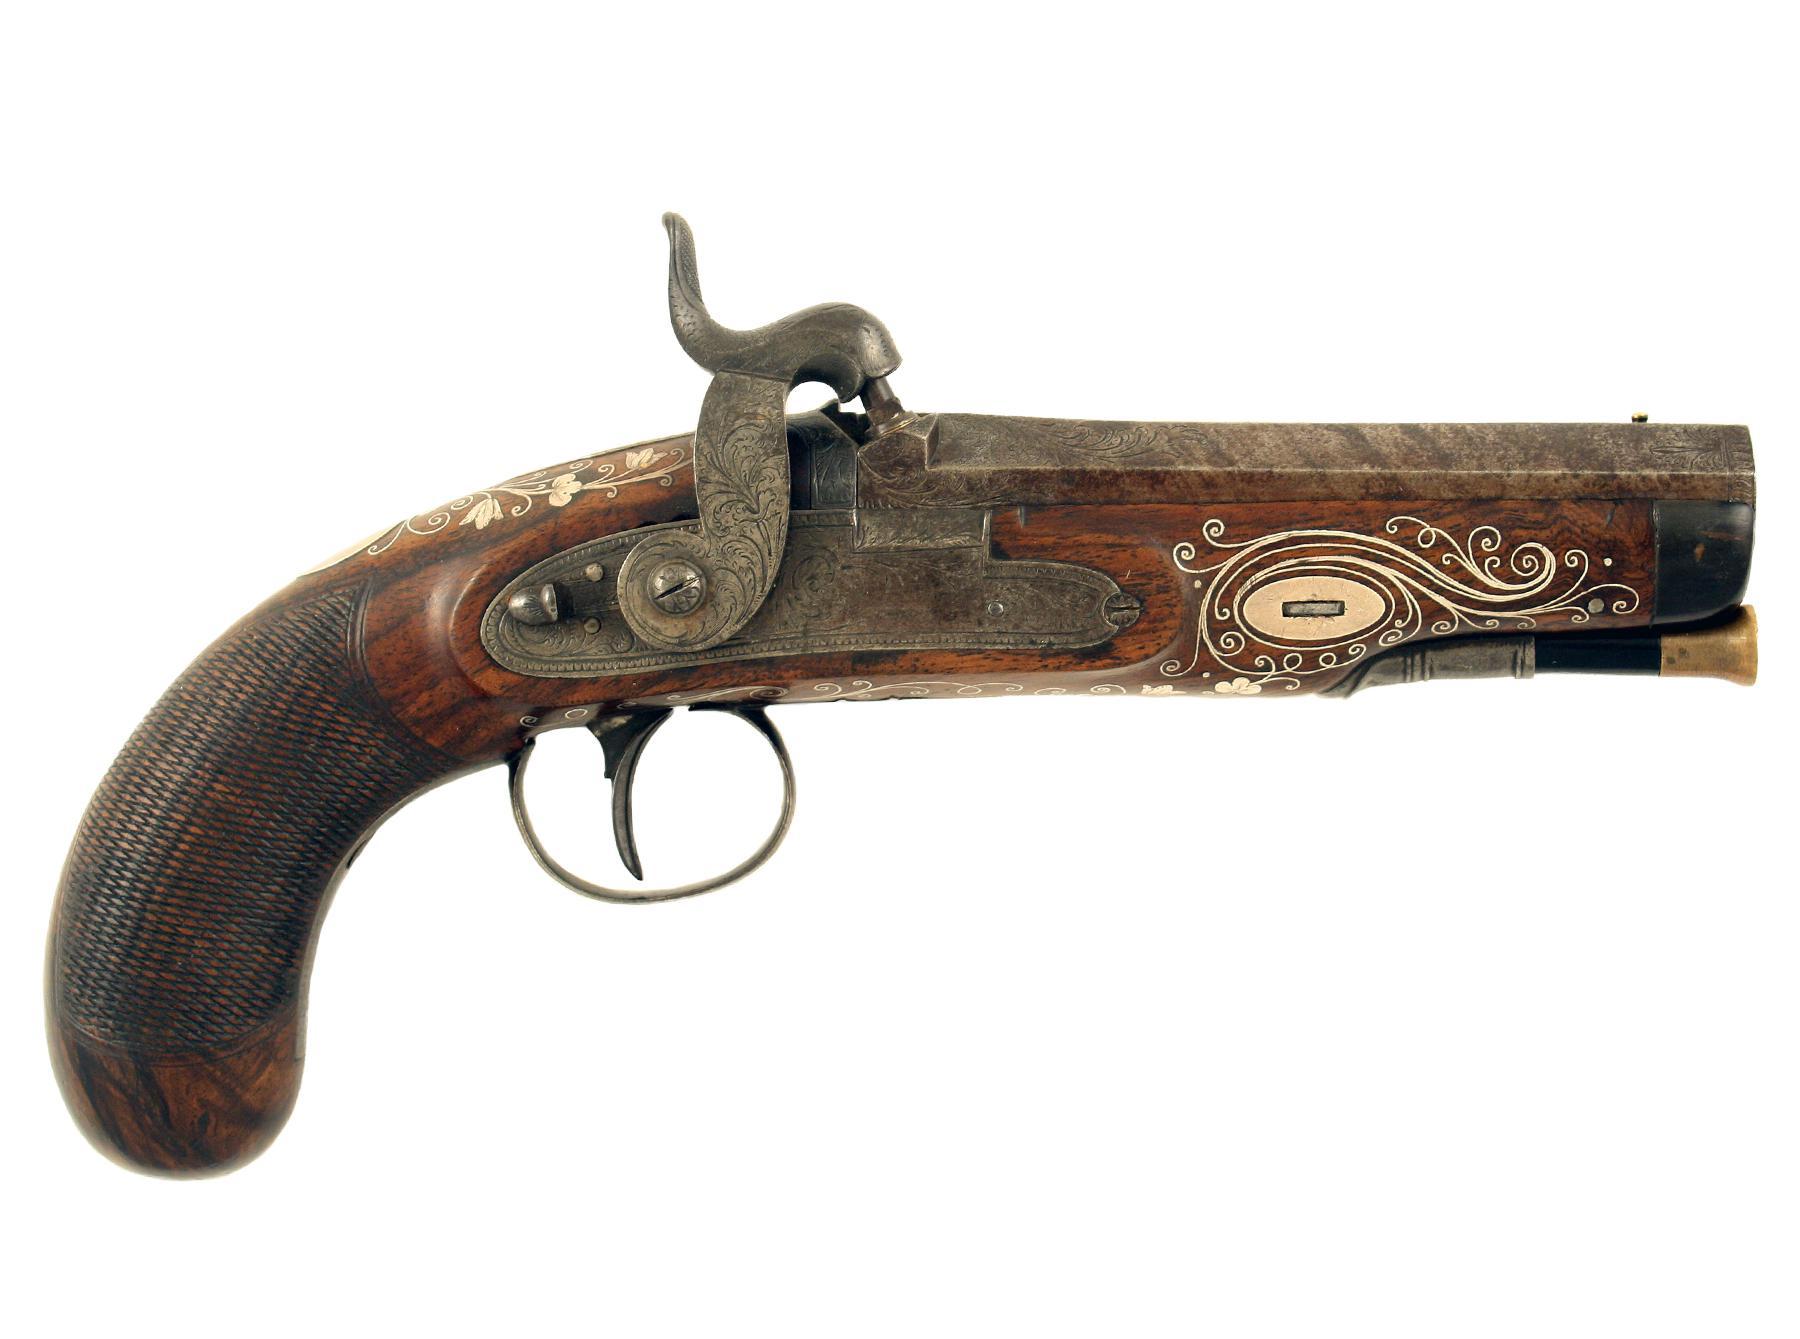 A Fine Silver Inlaid Pistol